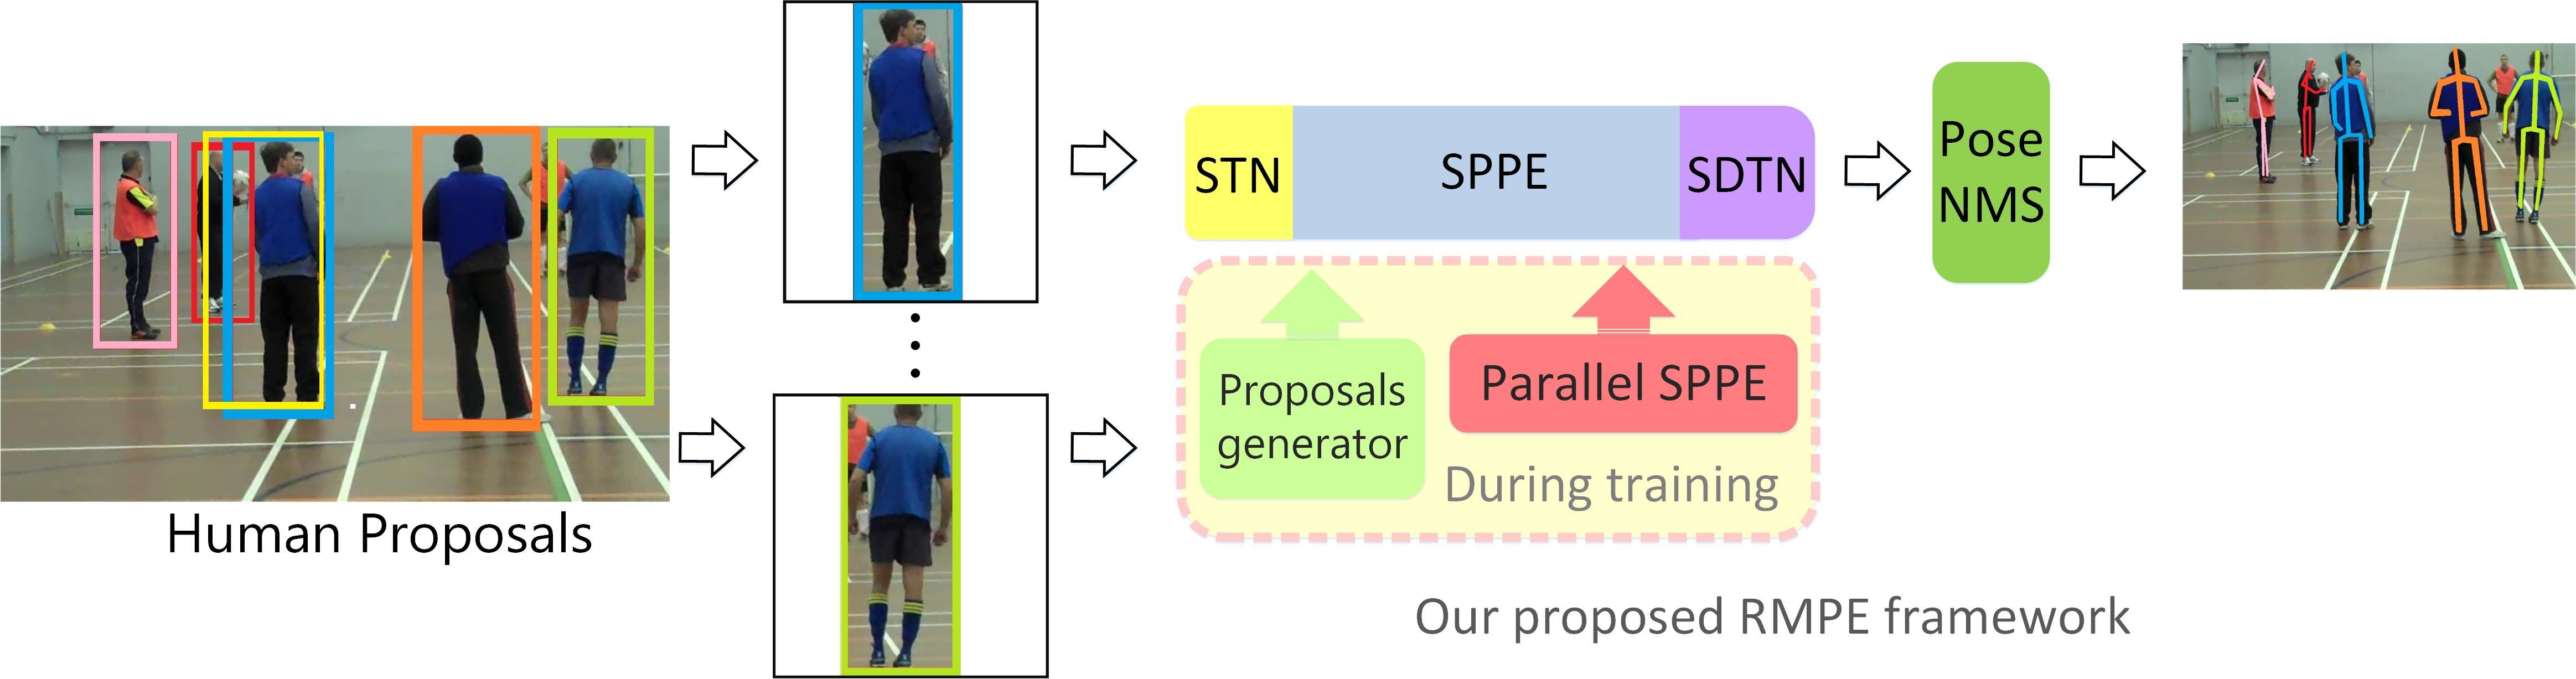 RMPE Framework